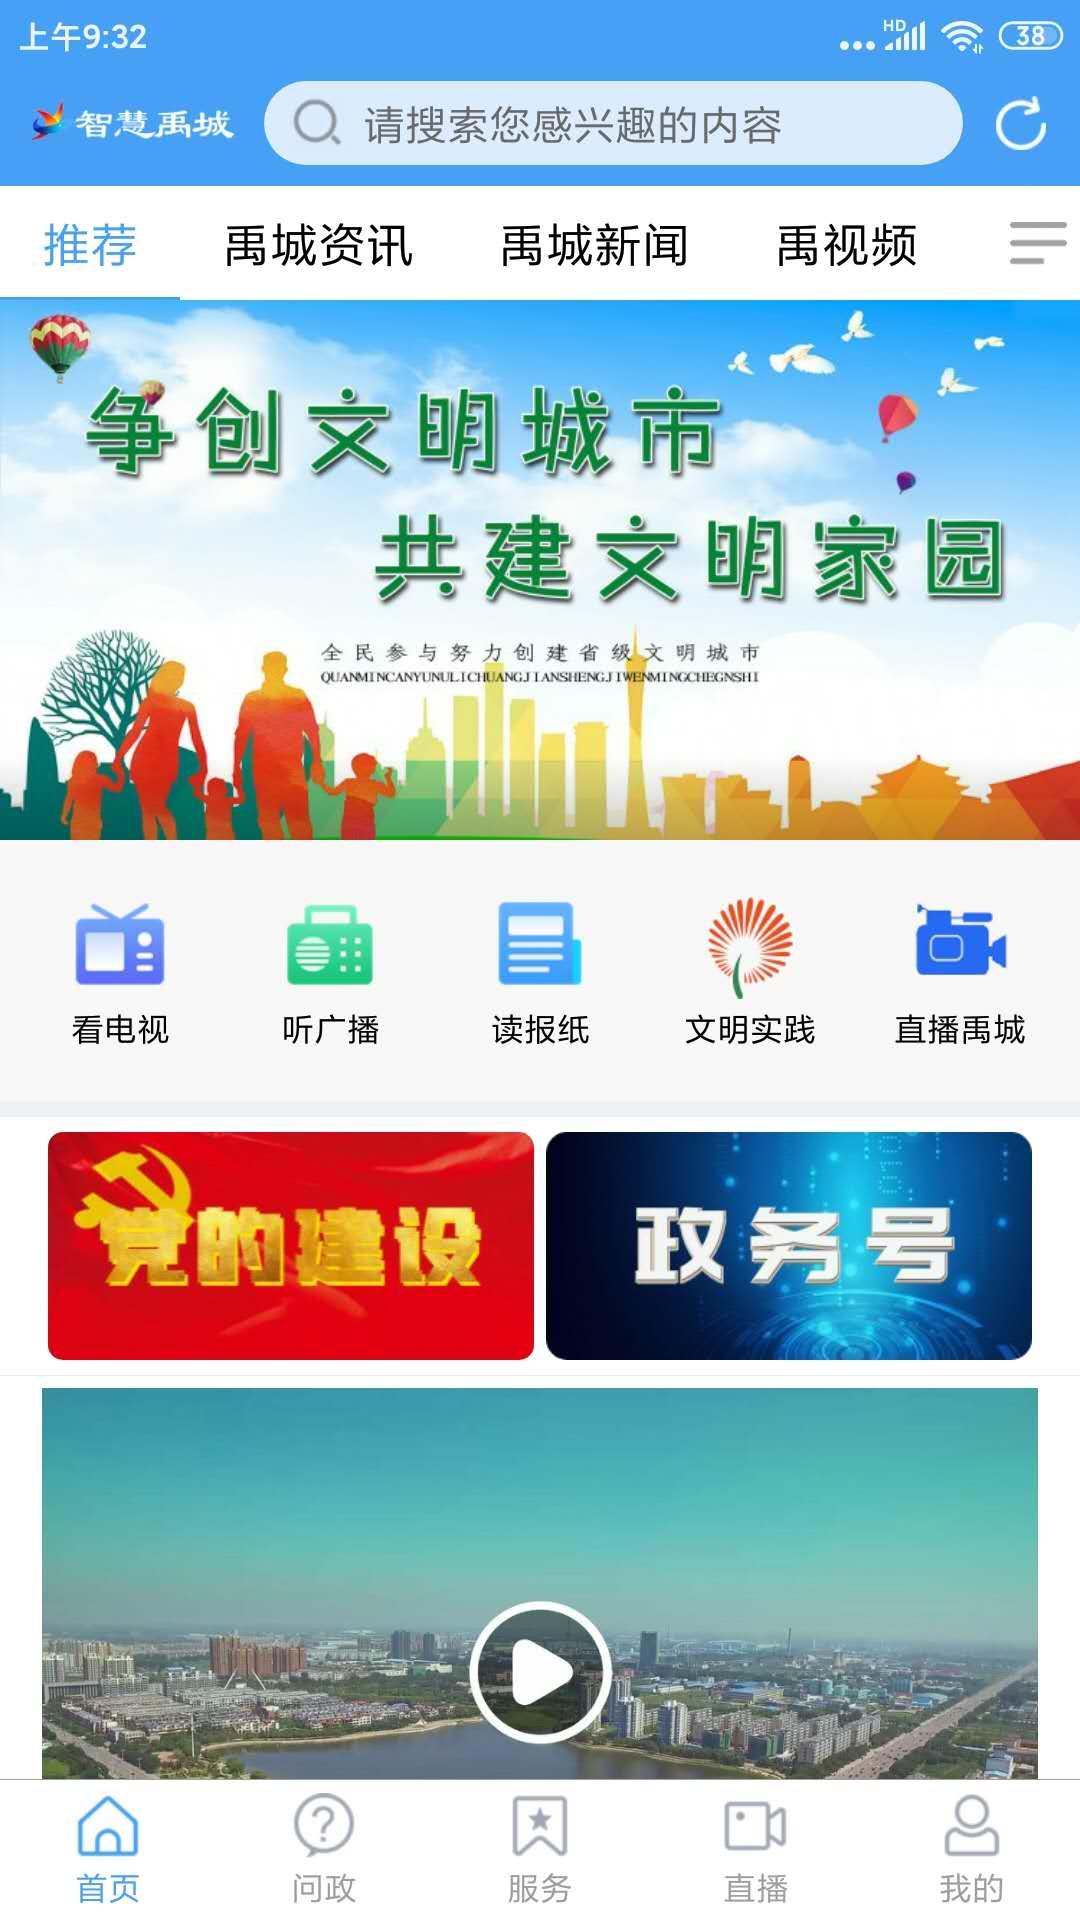 智慧禹城客户端v0.0.4 手机版